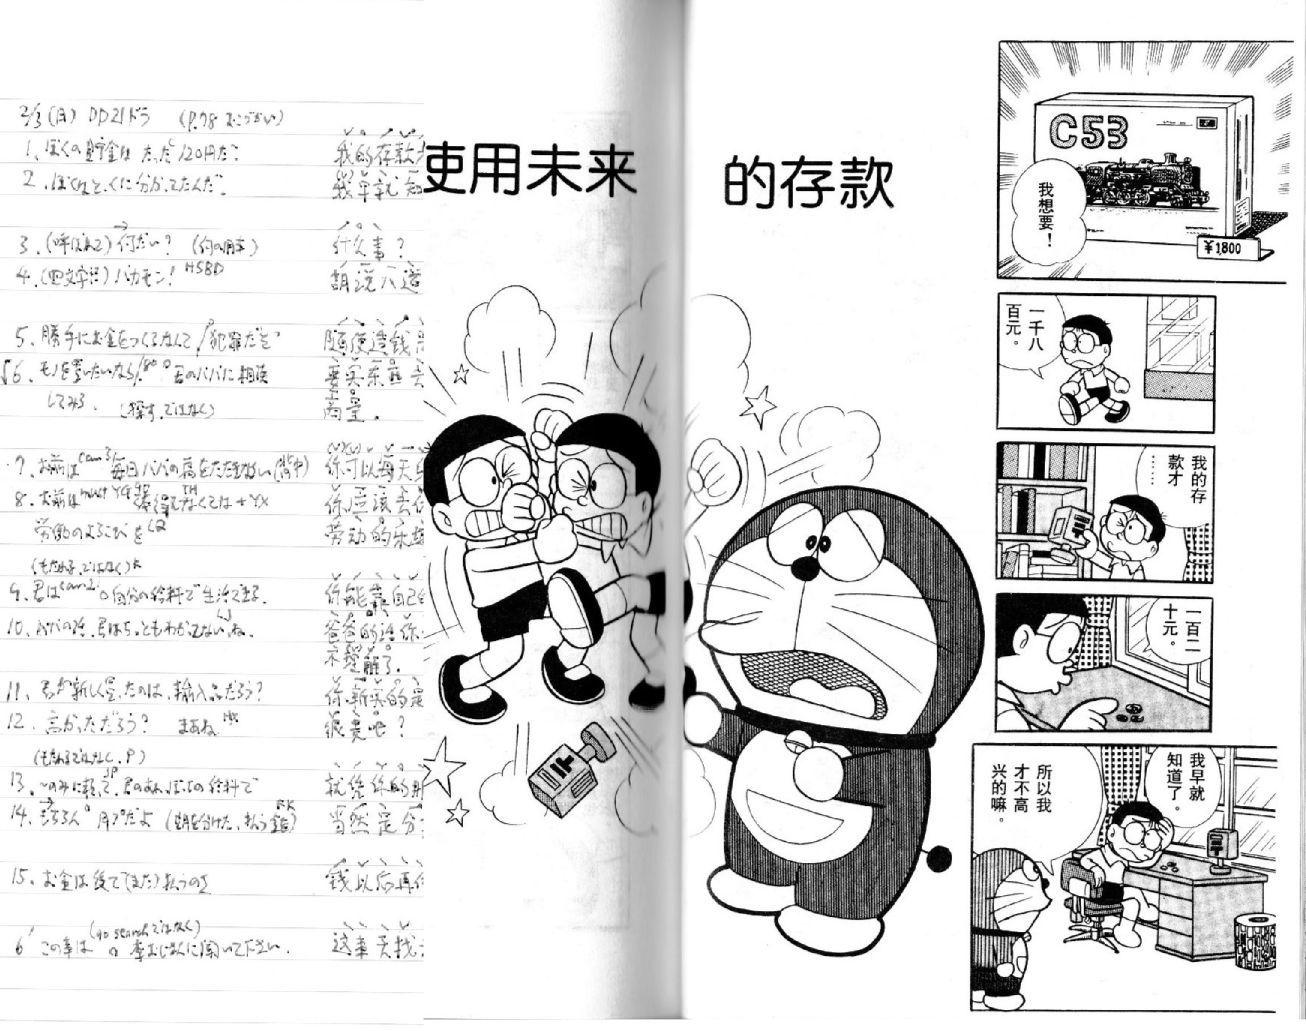 祝!2冊目の中文「ドラえもん/哆啦A梦-4」半分完了 (19年2月27日)_c0059093_12172697.jpg